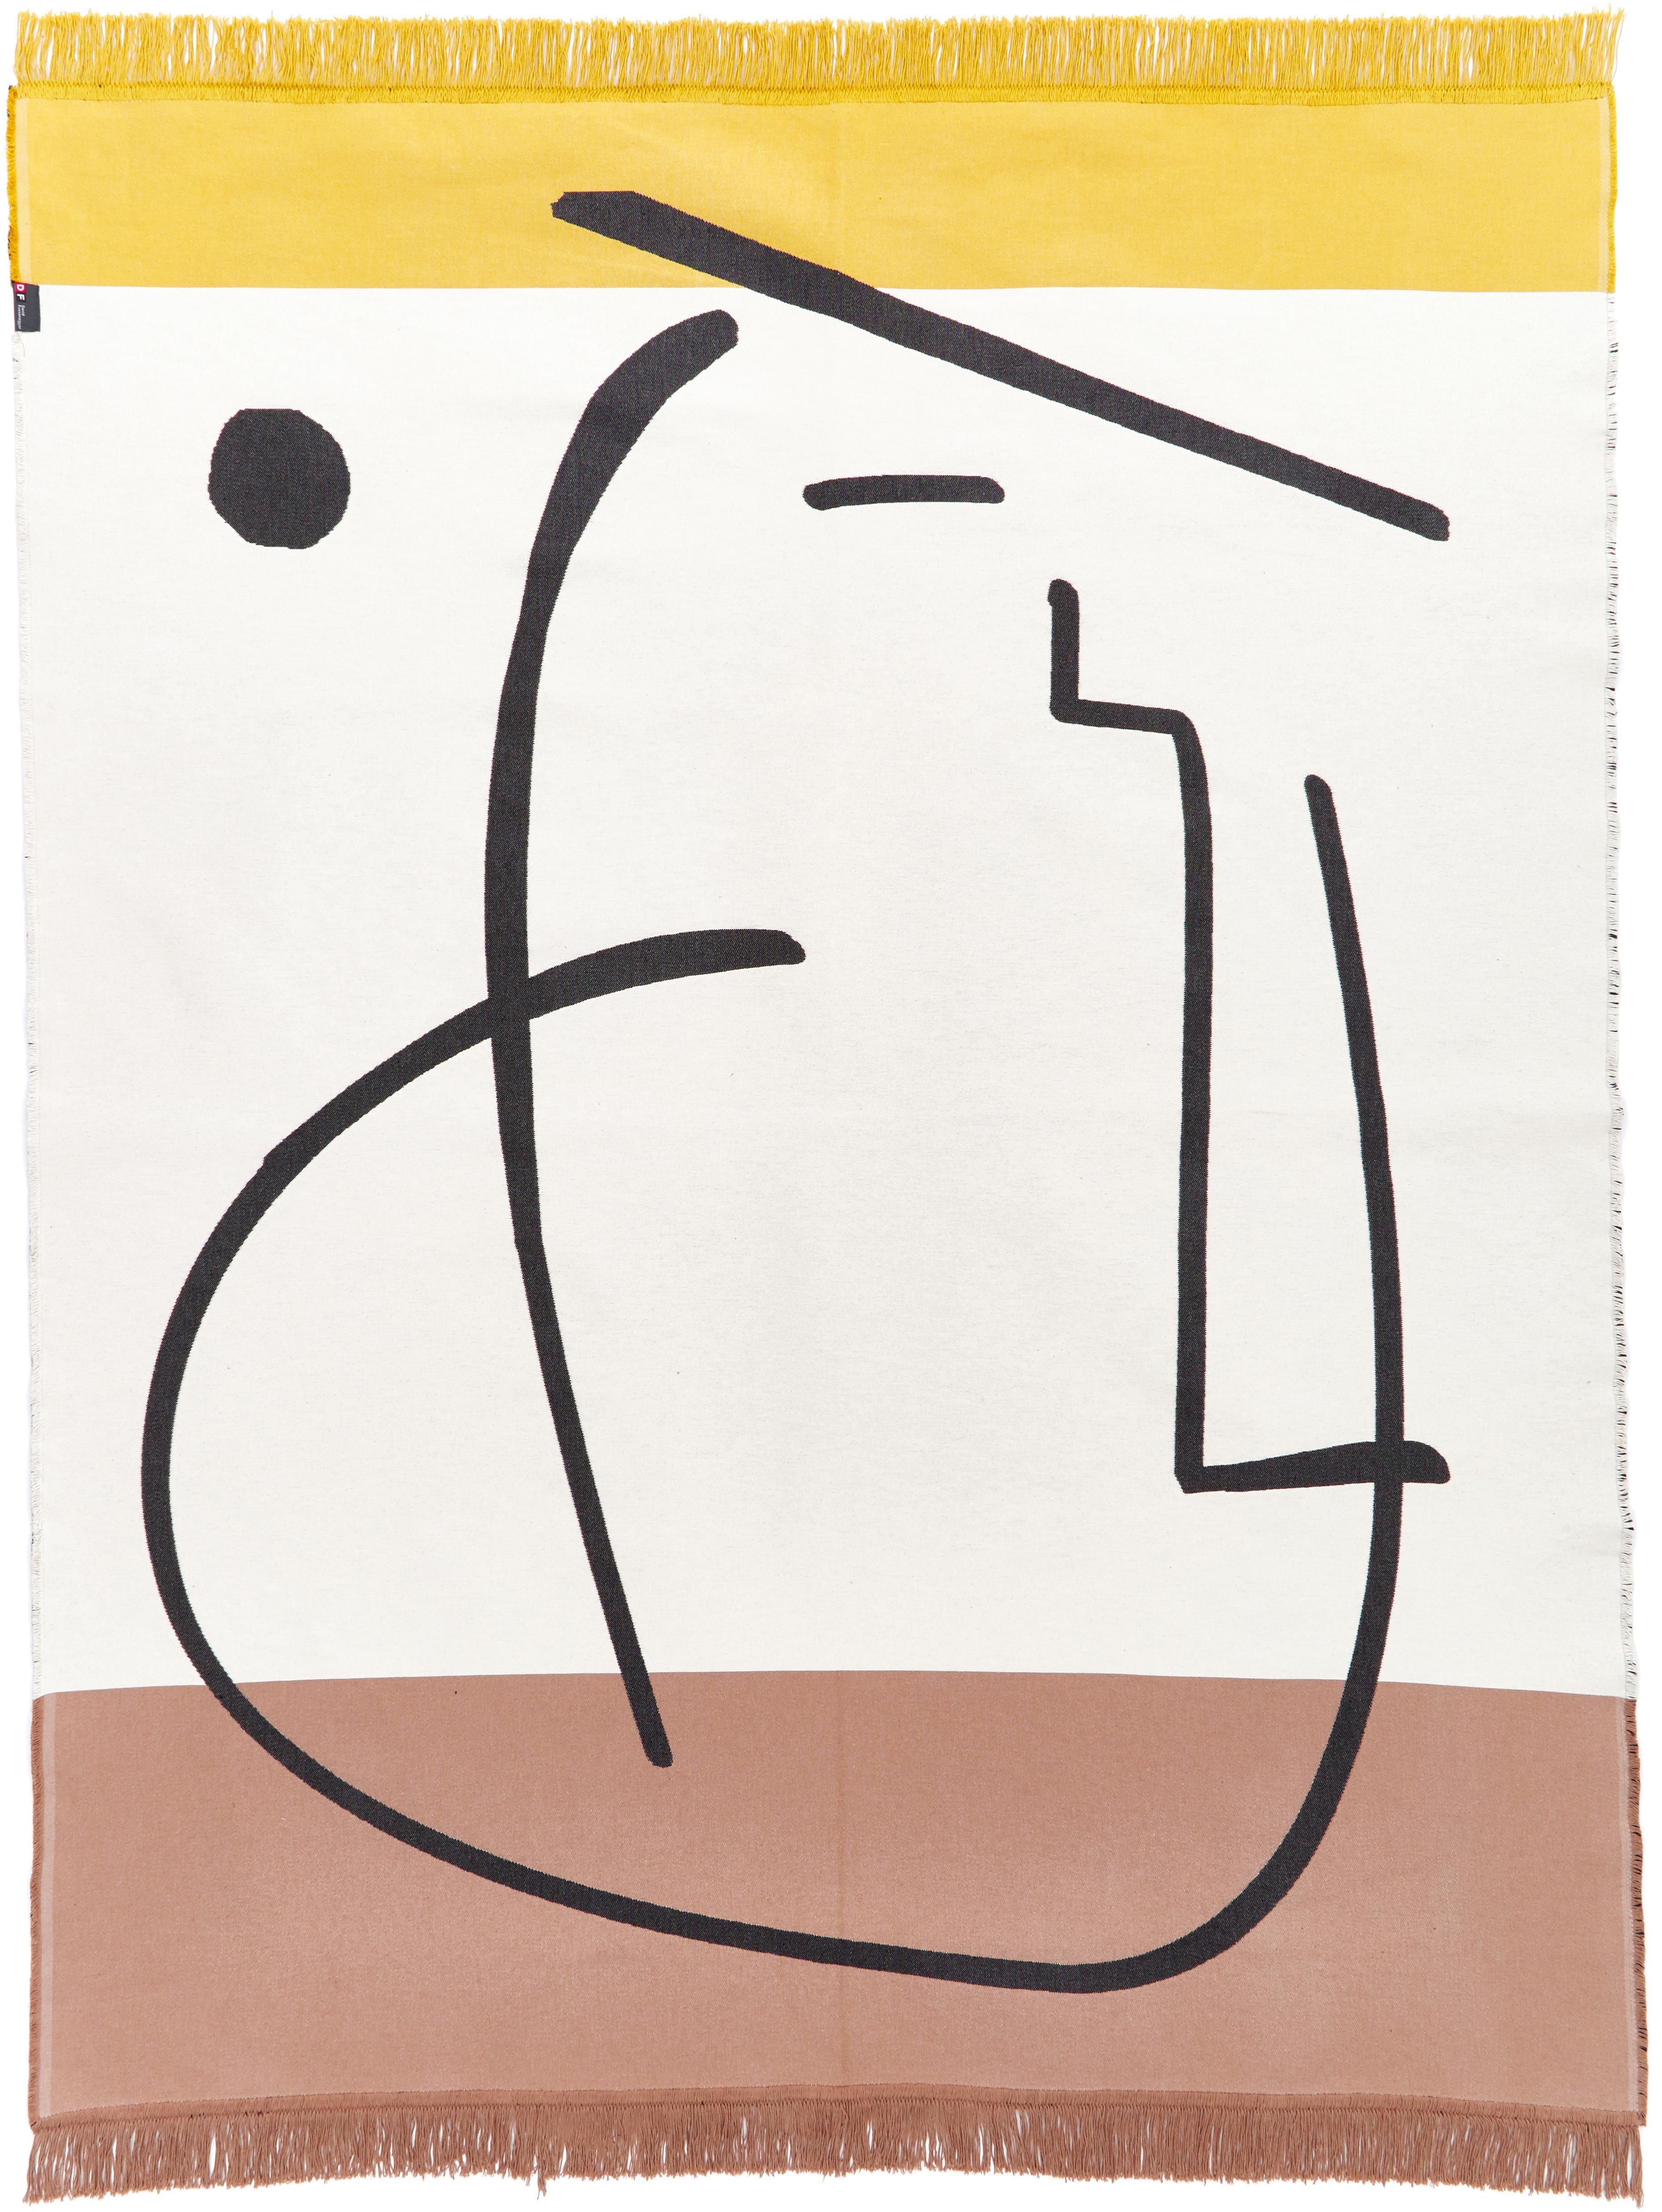 Alfombra con fleco Goliath Gesicht, Algodón reciclado, Multicolor, An 150 x L 200 cm (Tamaño S)